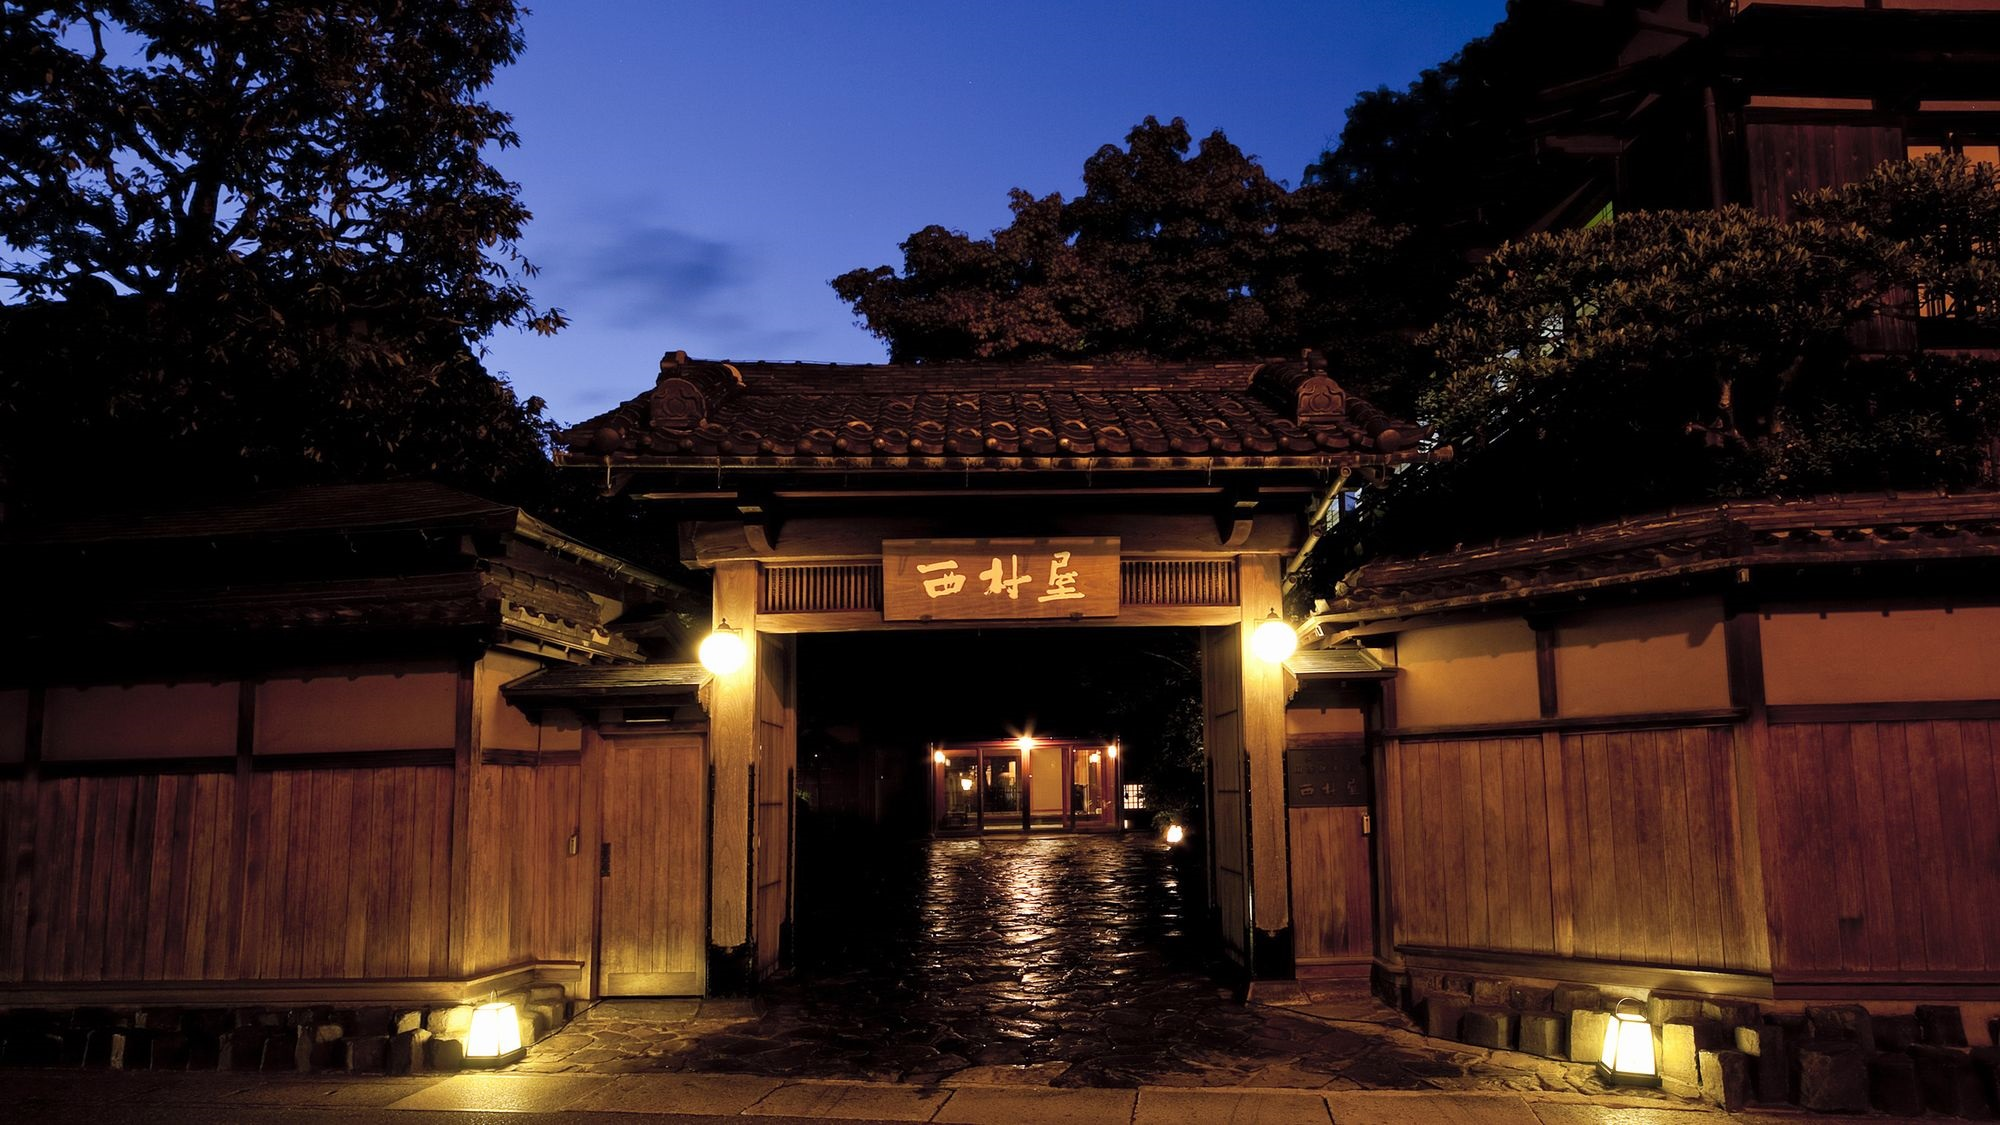 会社員の夫と城崎温泉に行きます。温泉が有名なおすすめの宿はありますか?